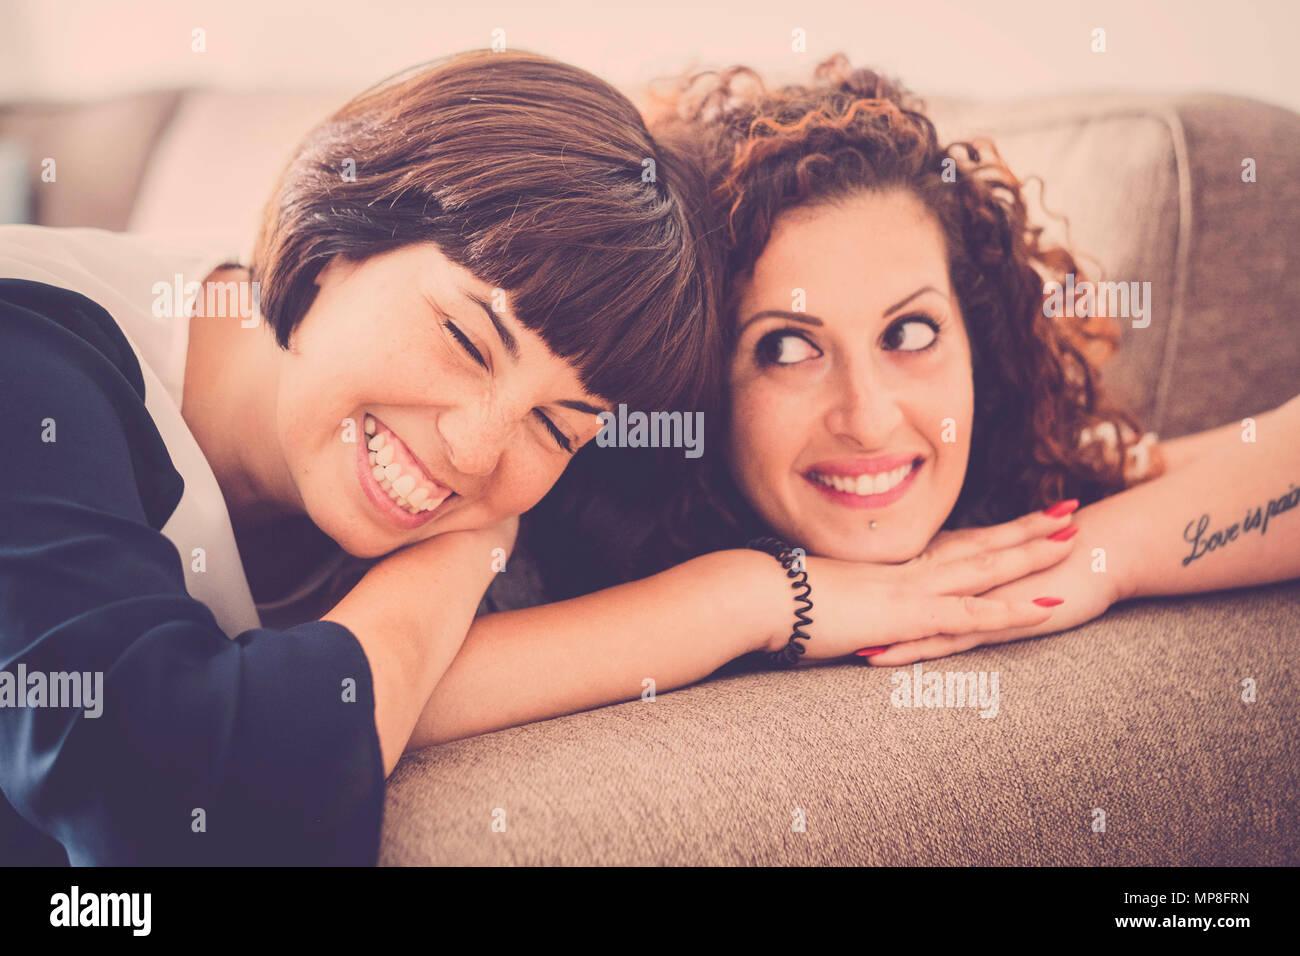 Bel tempo e felicità con ridere e sorrisi per due amici caucasici stabiliscono insieme sul divano di casa. Il concetto di amicizia per immagine interna w Immagini Stock